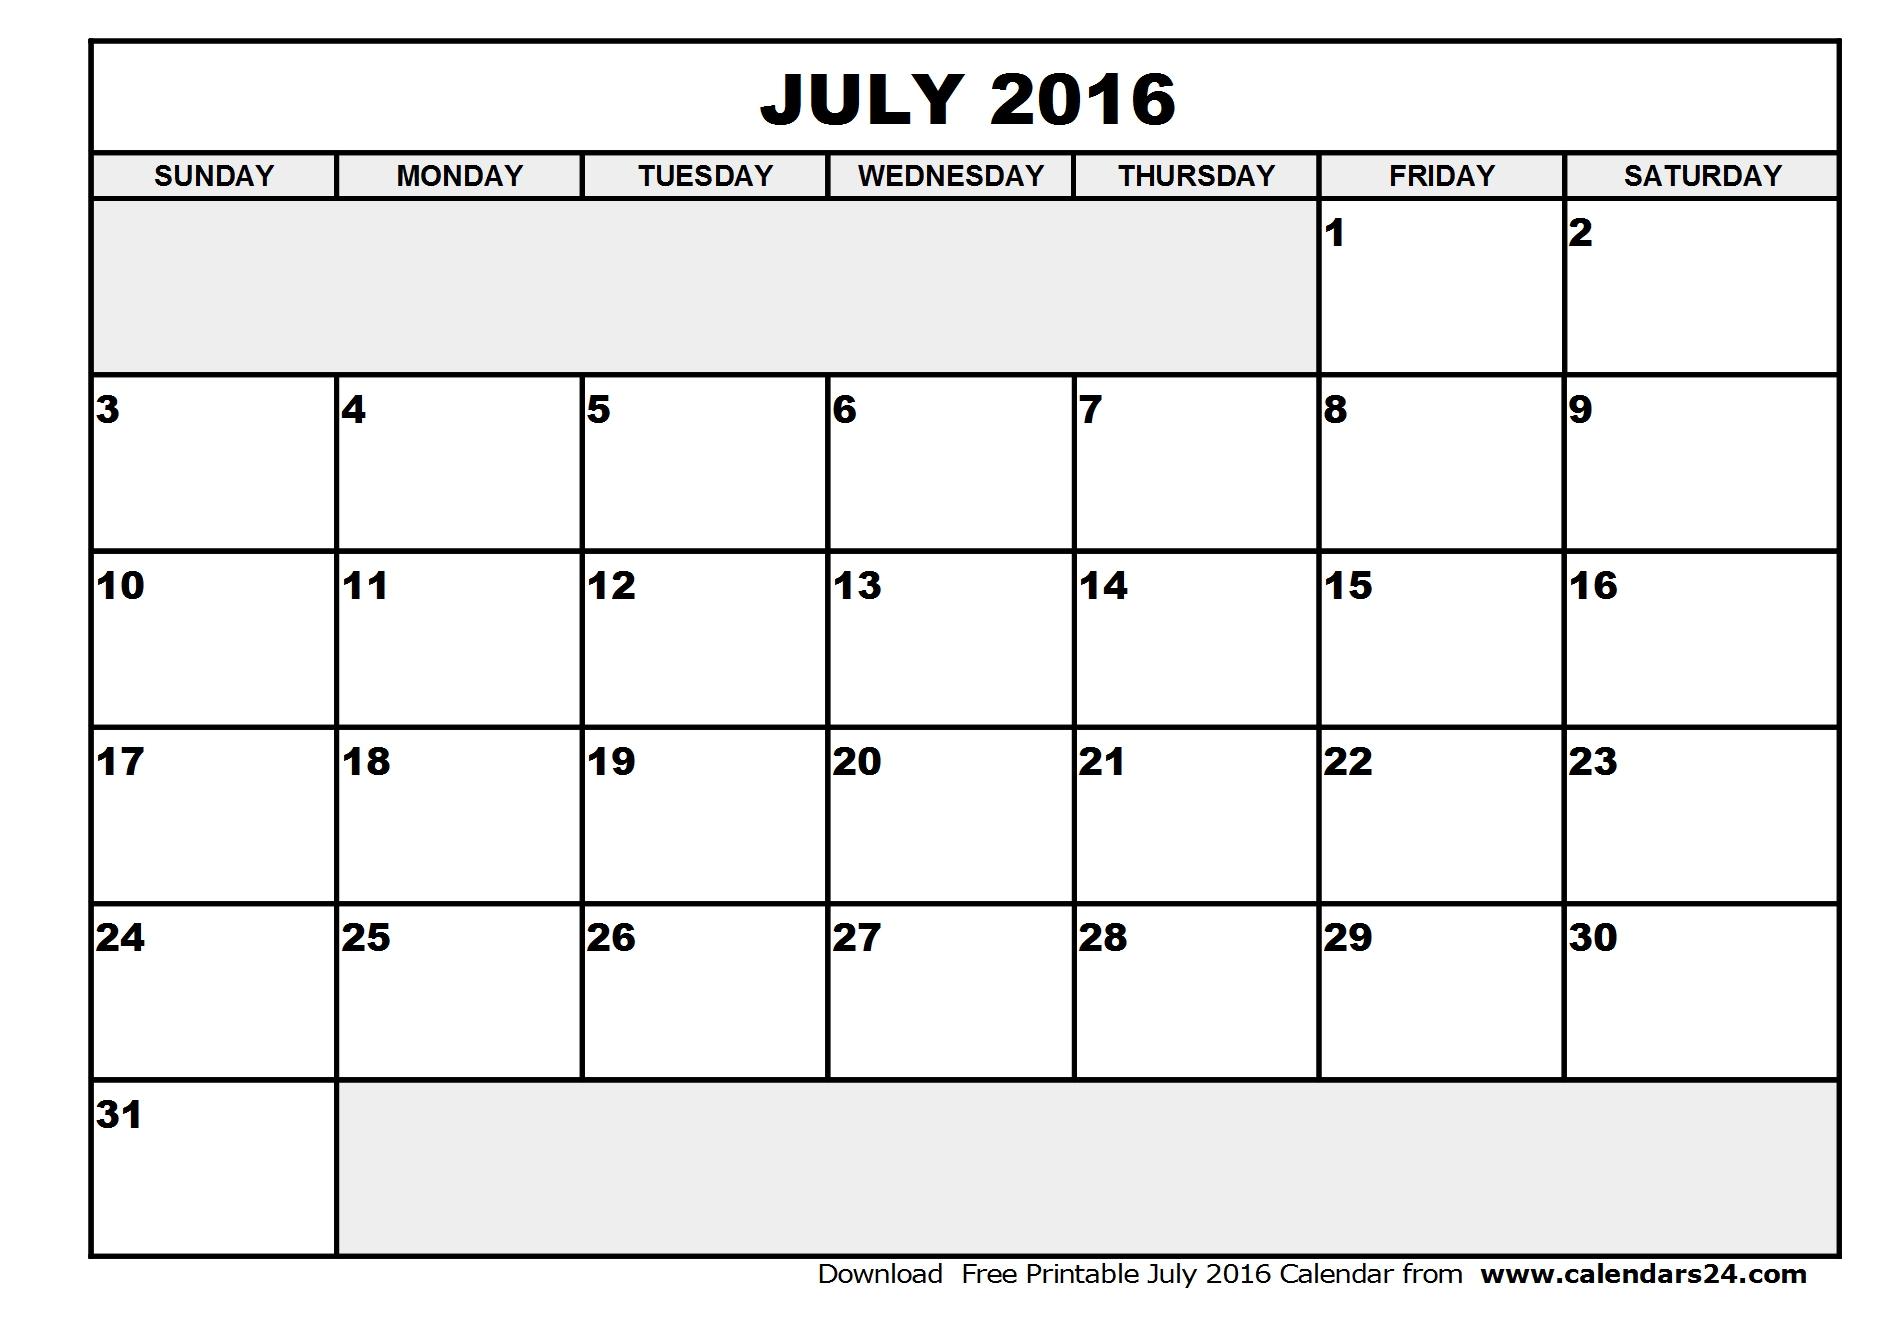 July 2016 Calendar & August 2016 Calendar